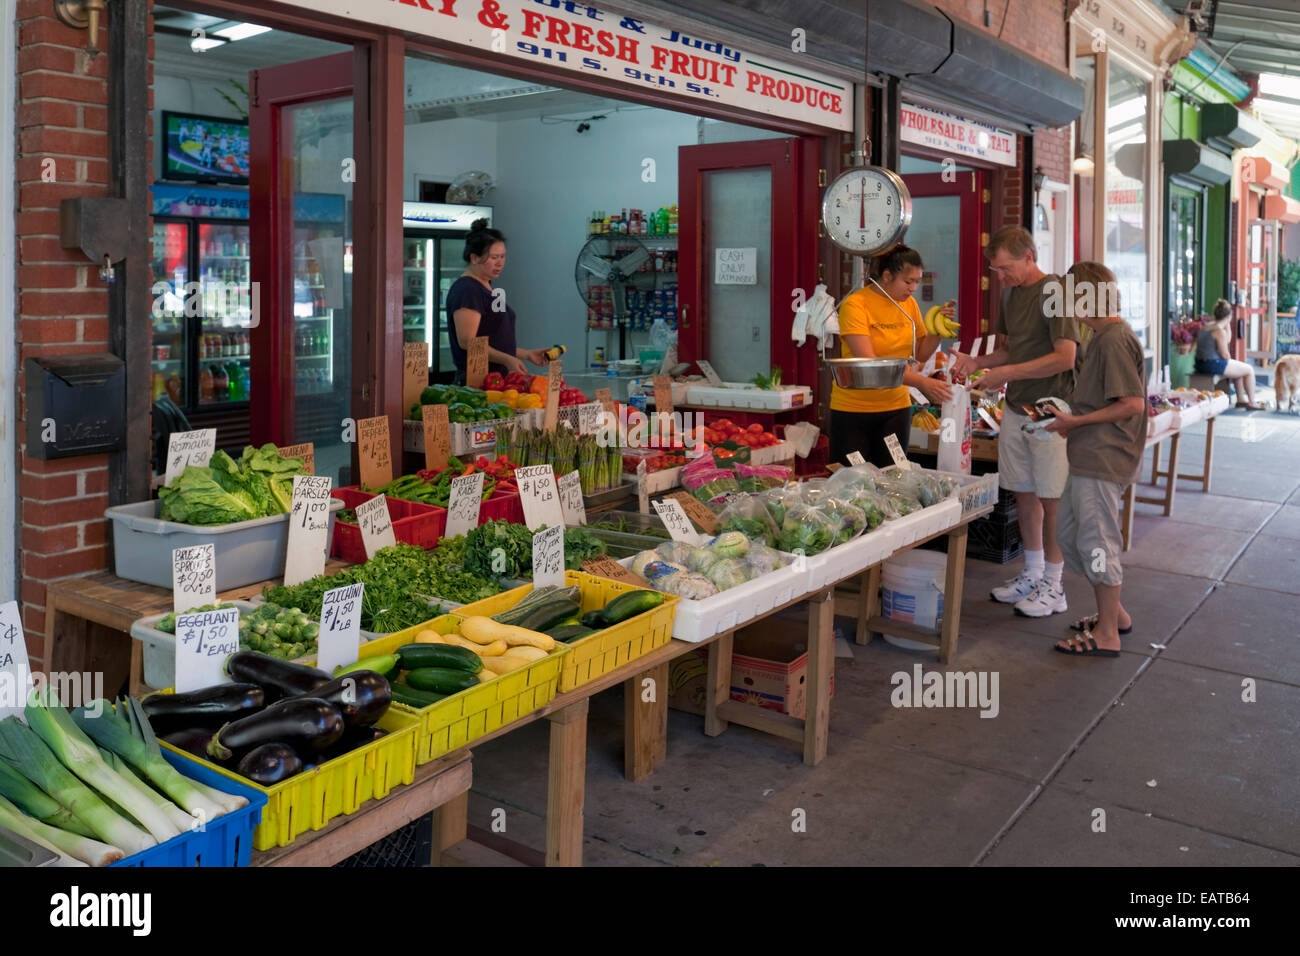 El mercado italiano - 9th Street, Philadelphia, PA Imagen De Stock